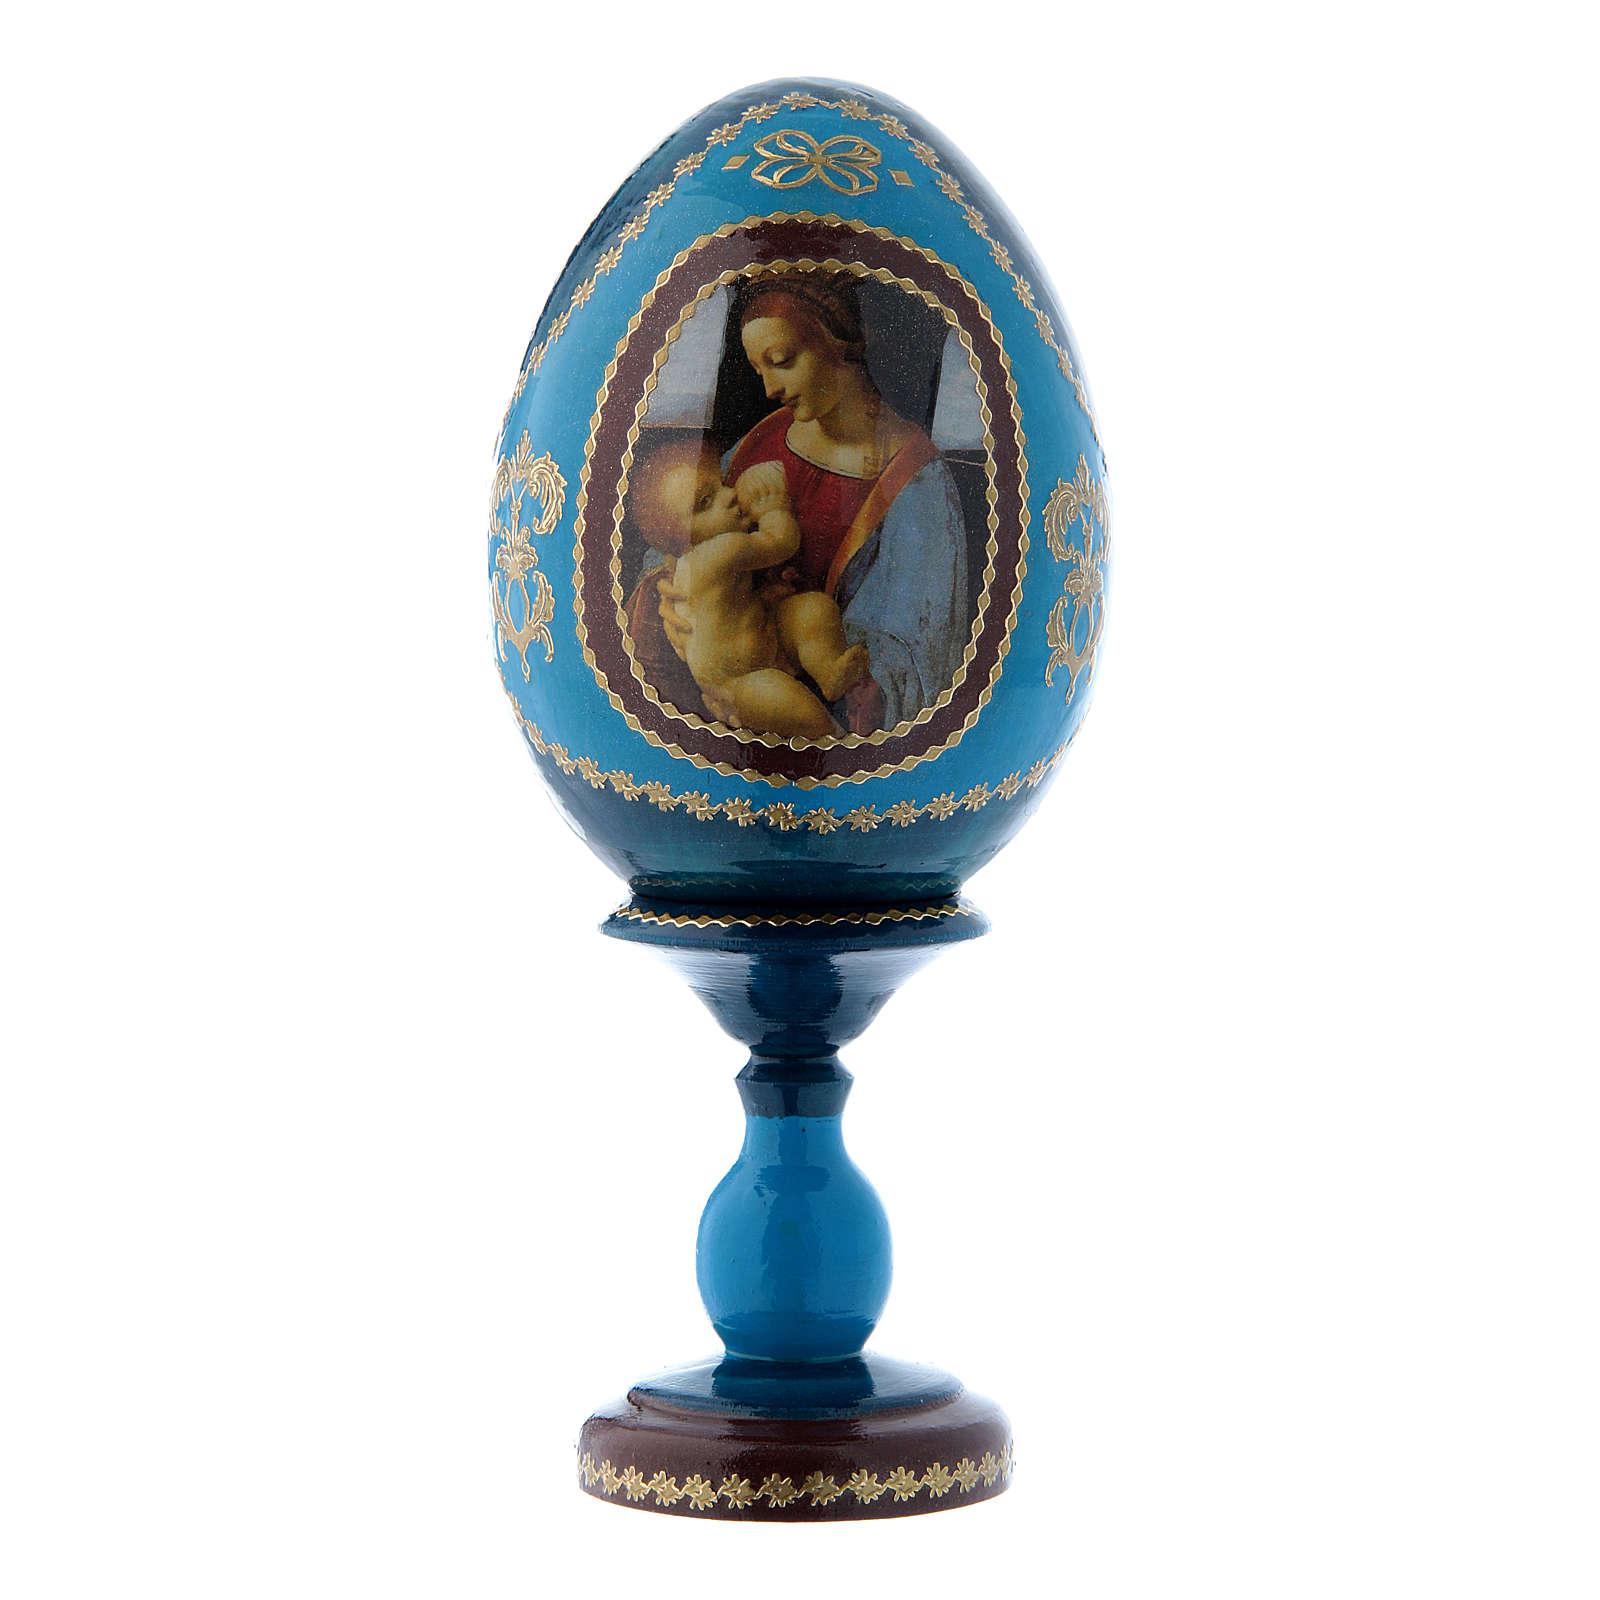 Uovo La madonna Litta russo blu in legno decorato a mano h tot 16 cm 4